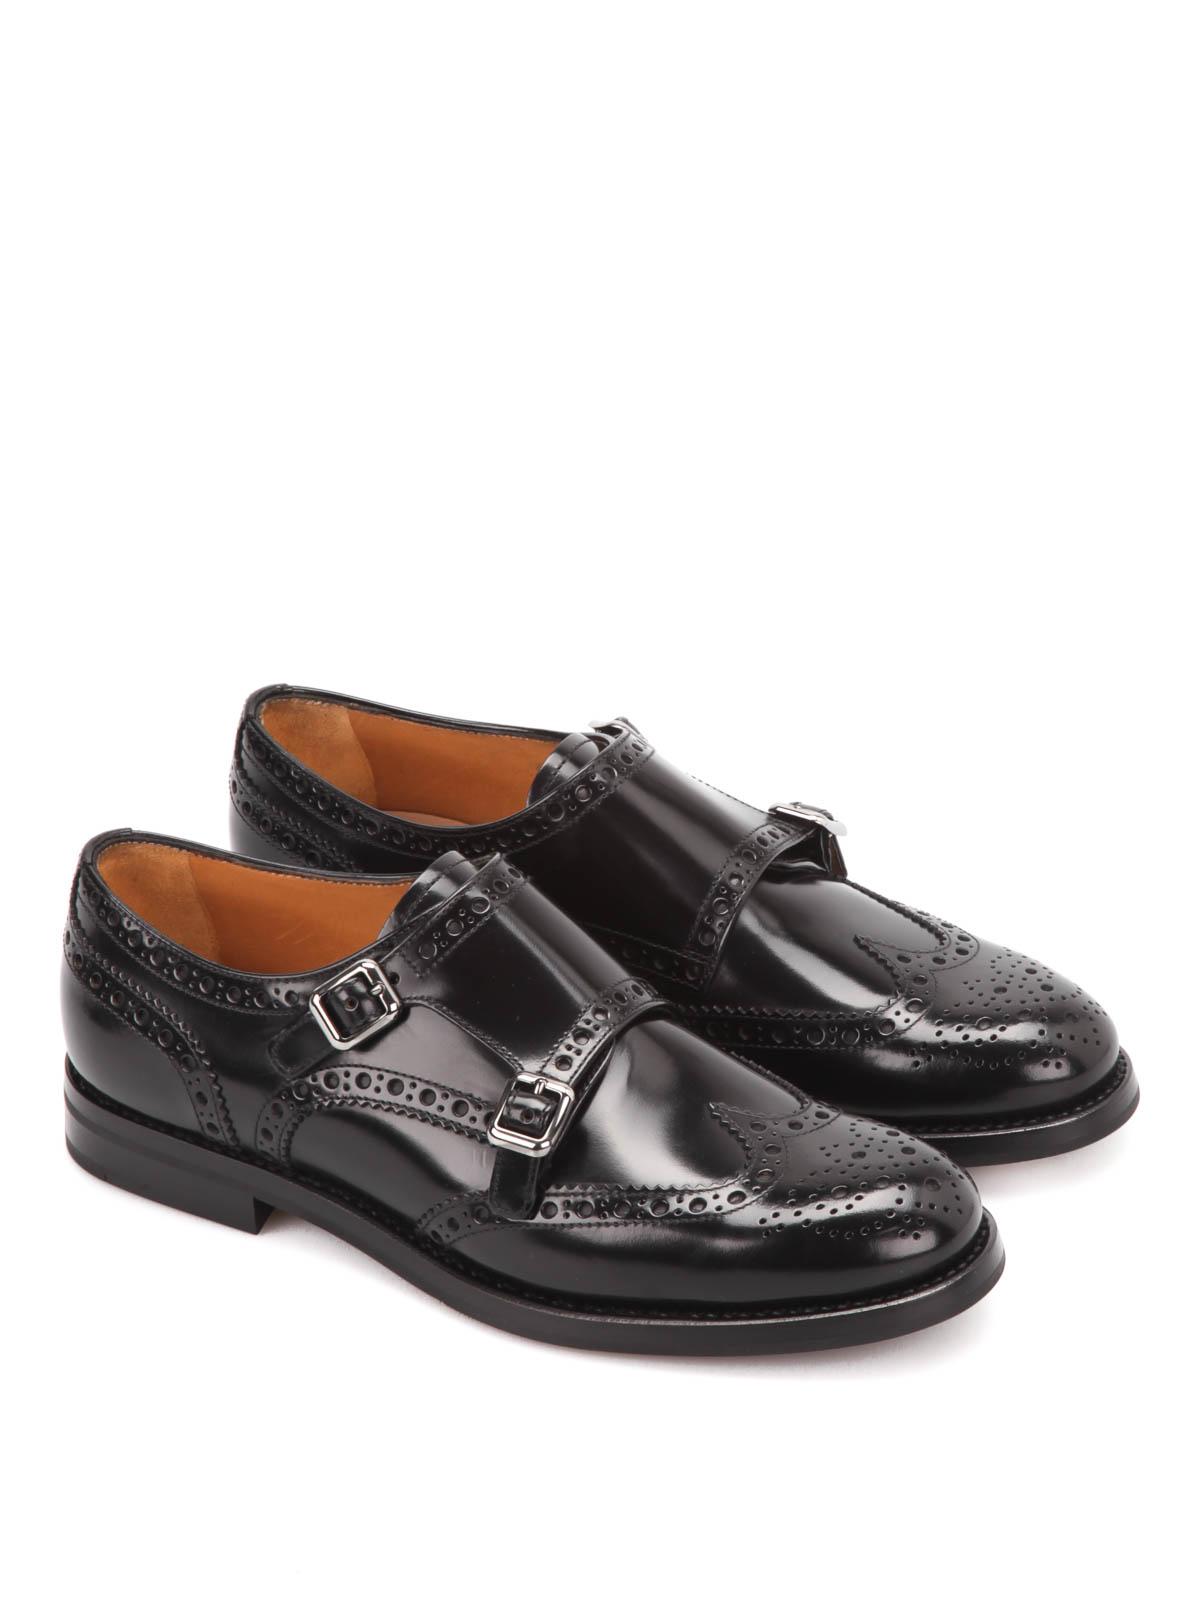 Femme Noir Church's Pour Classiques Chaussures wC55qHvx